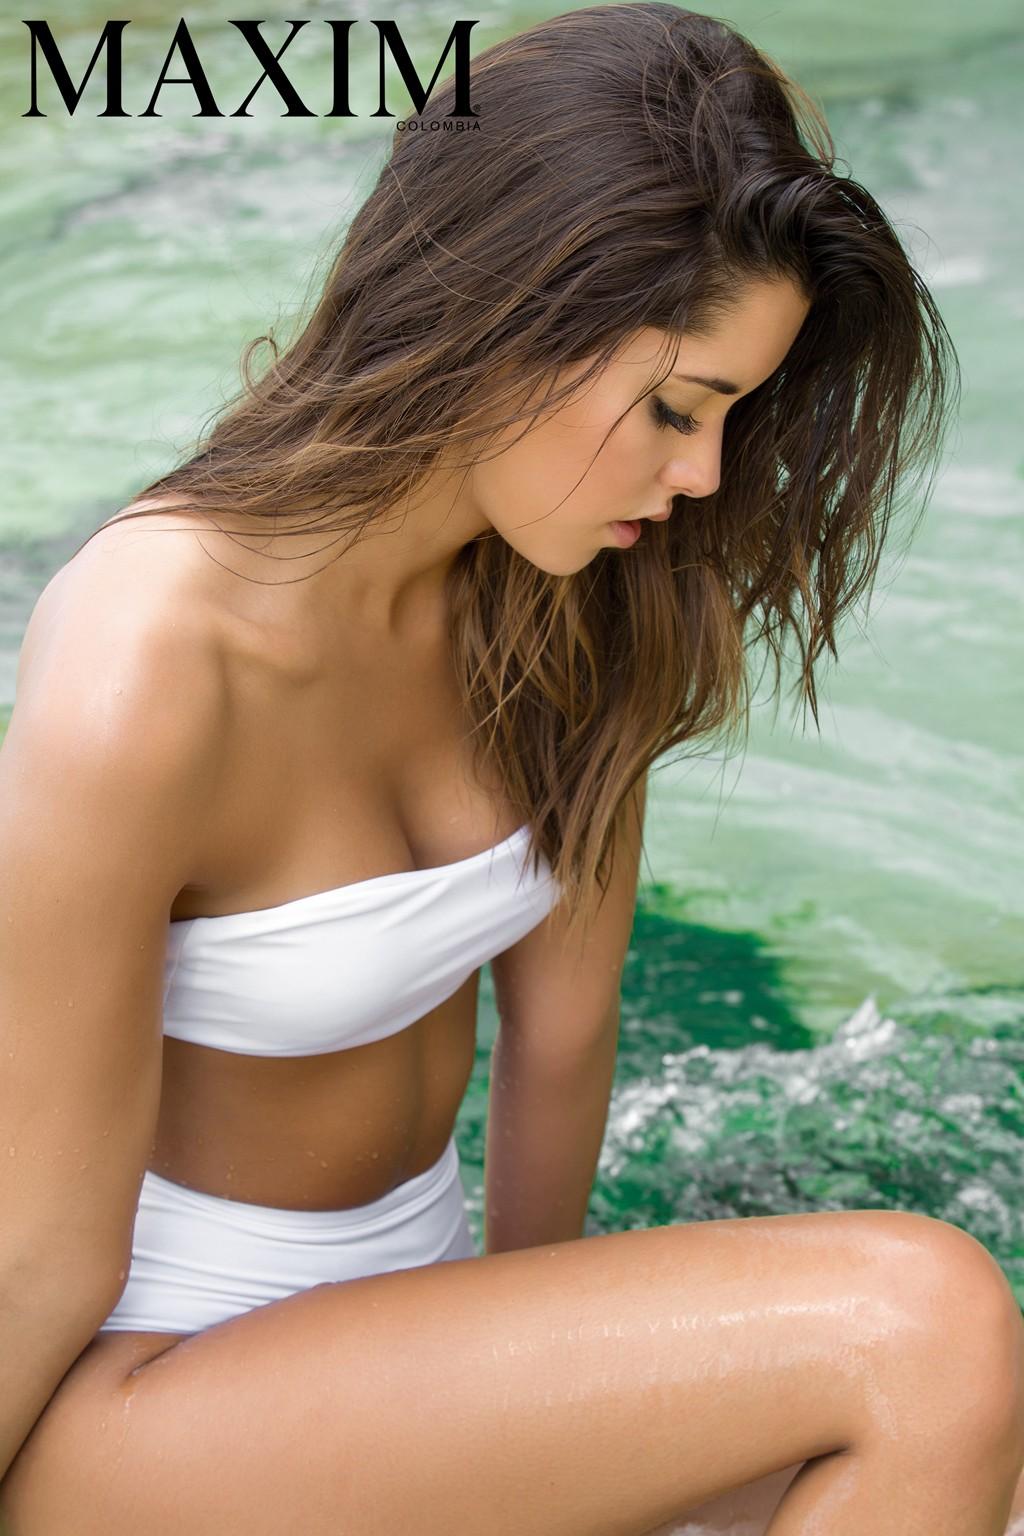 Marcas de bikini 11 - 2 9